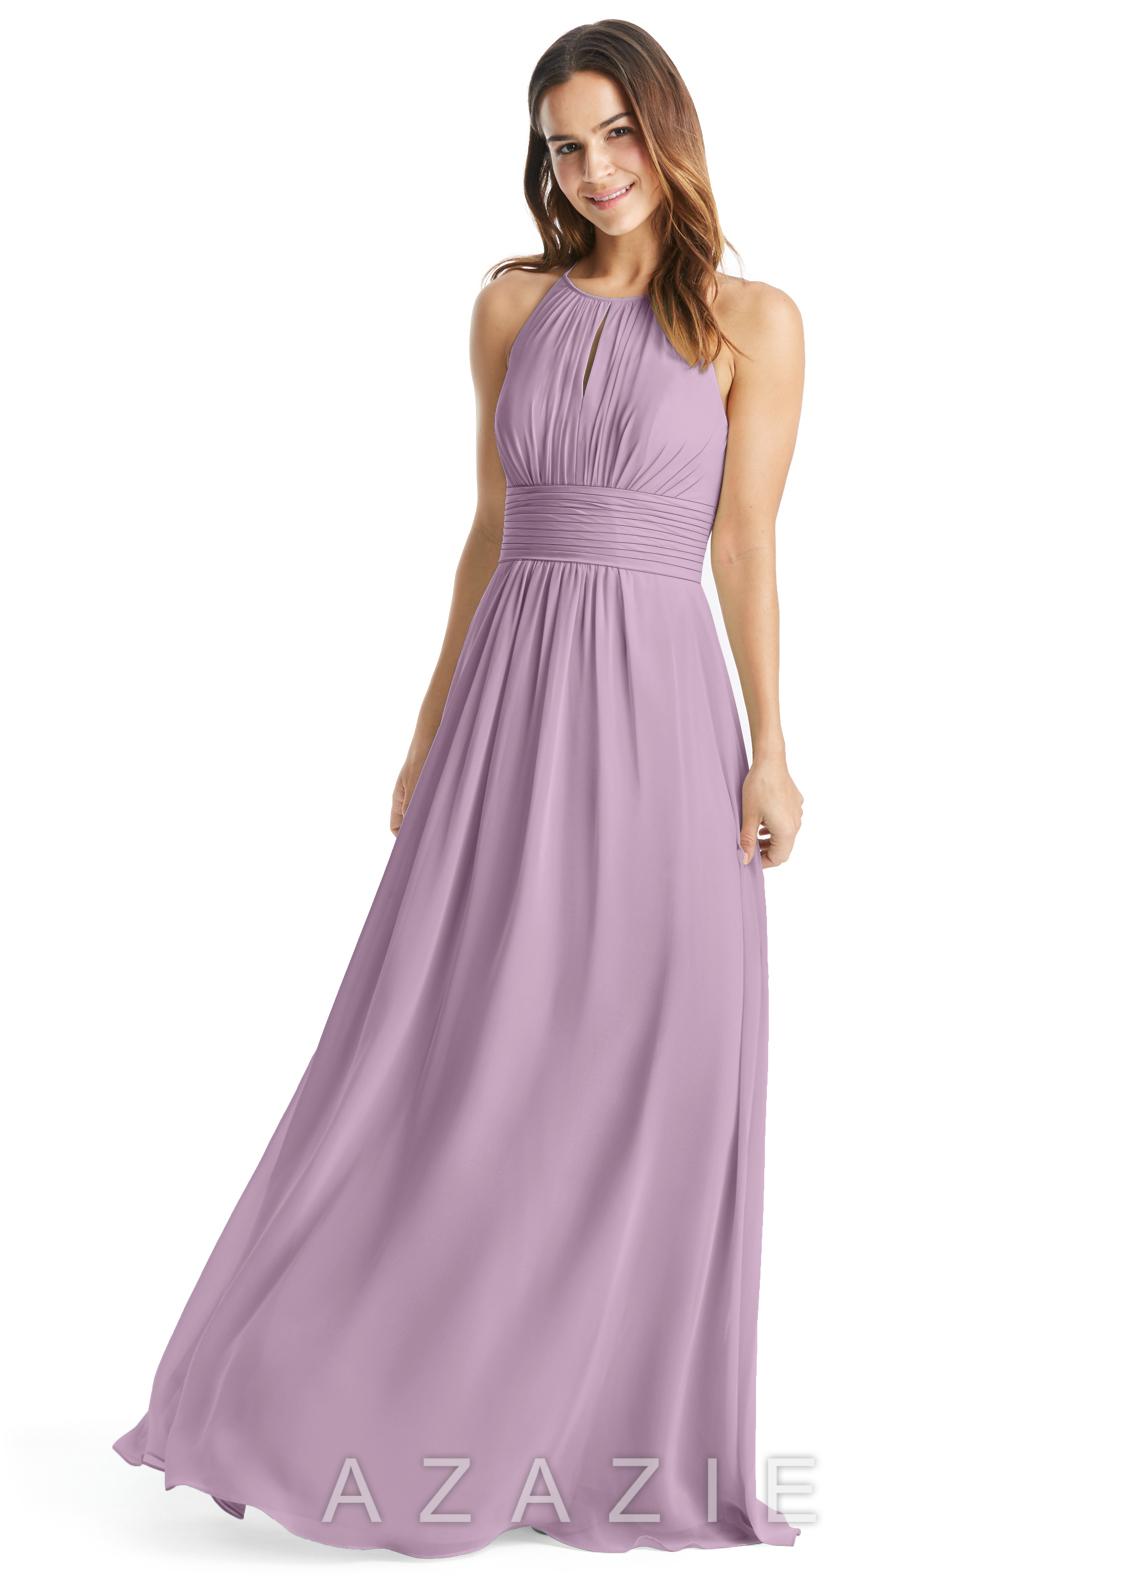 Wisteria bridesmaid dresses wisteria gowns azazie azazie bonnie azazie bonnie ombrellifo Choice Image